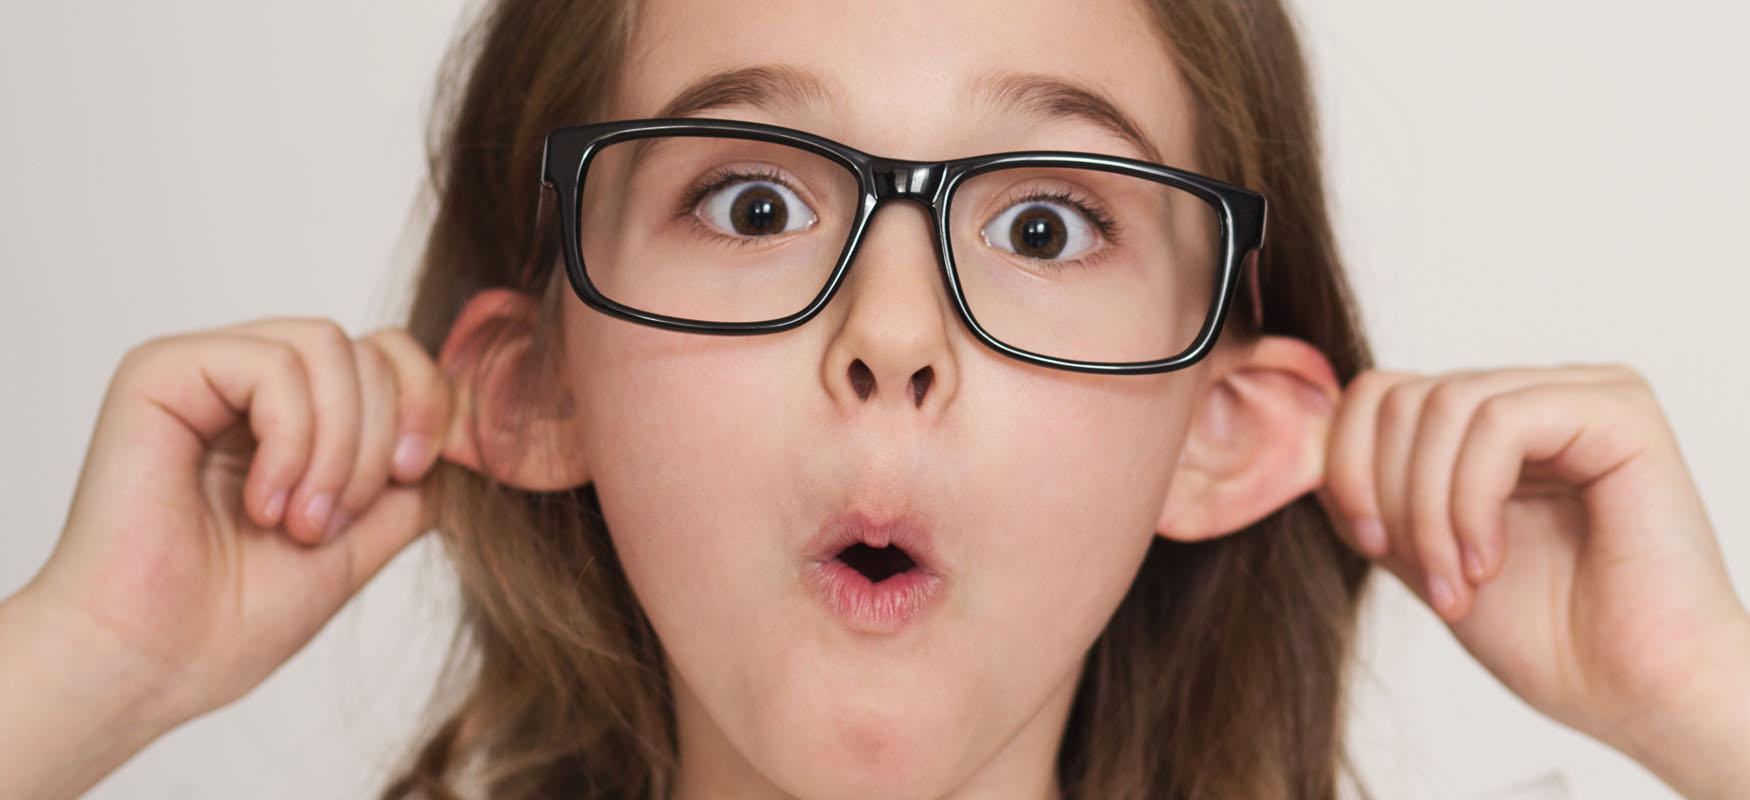 Odstające uszy – przyczyny, leczenie